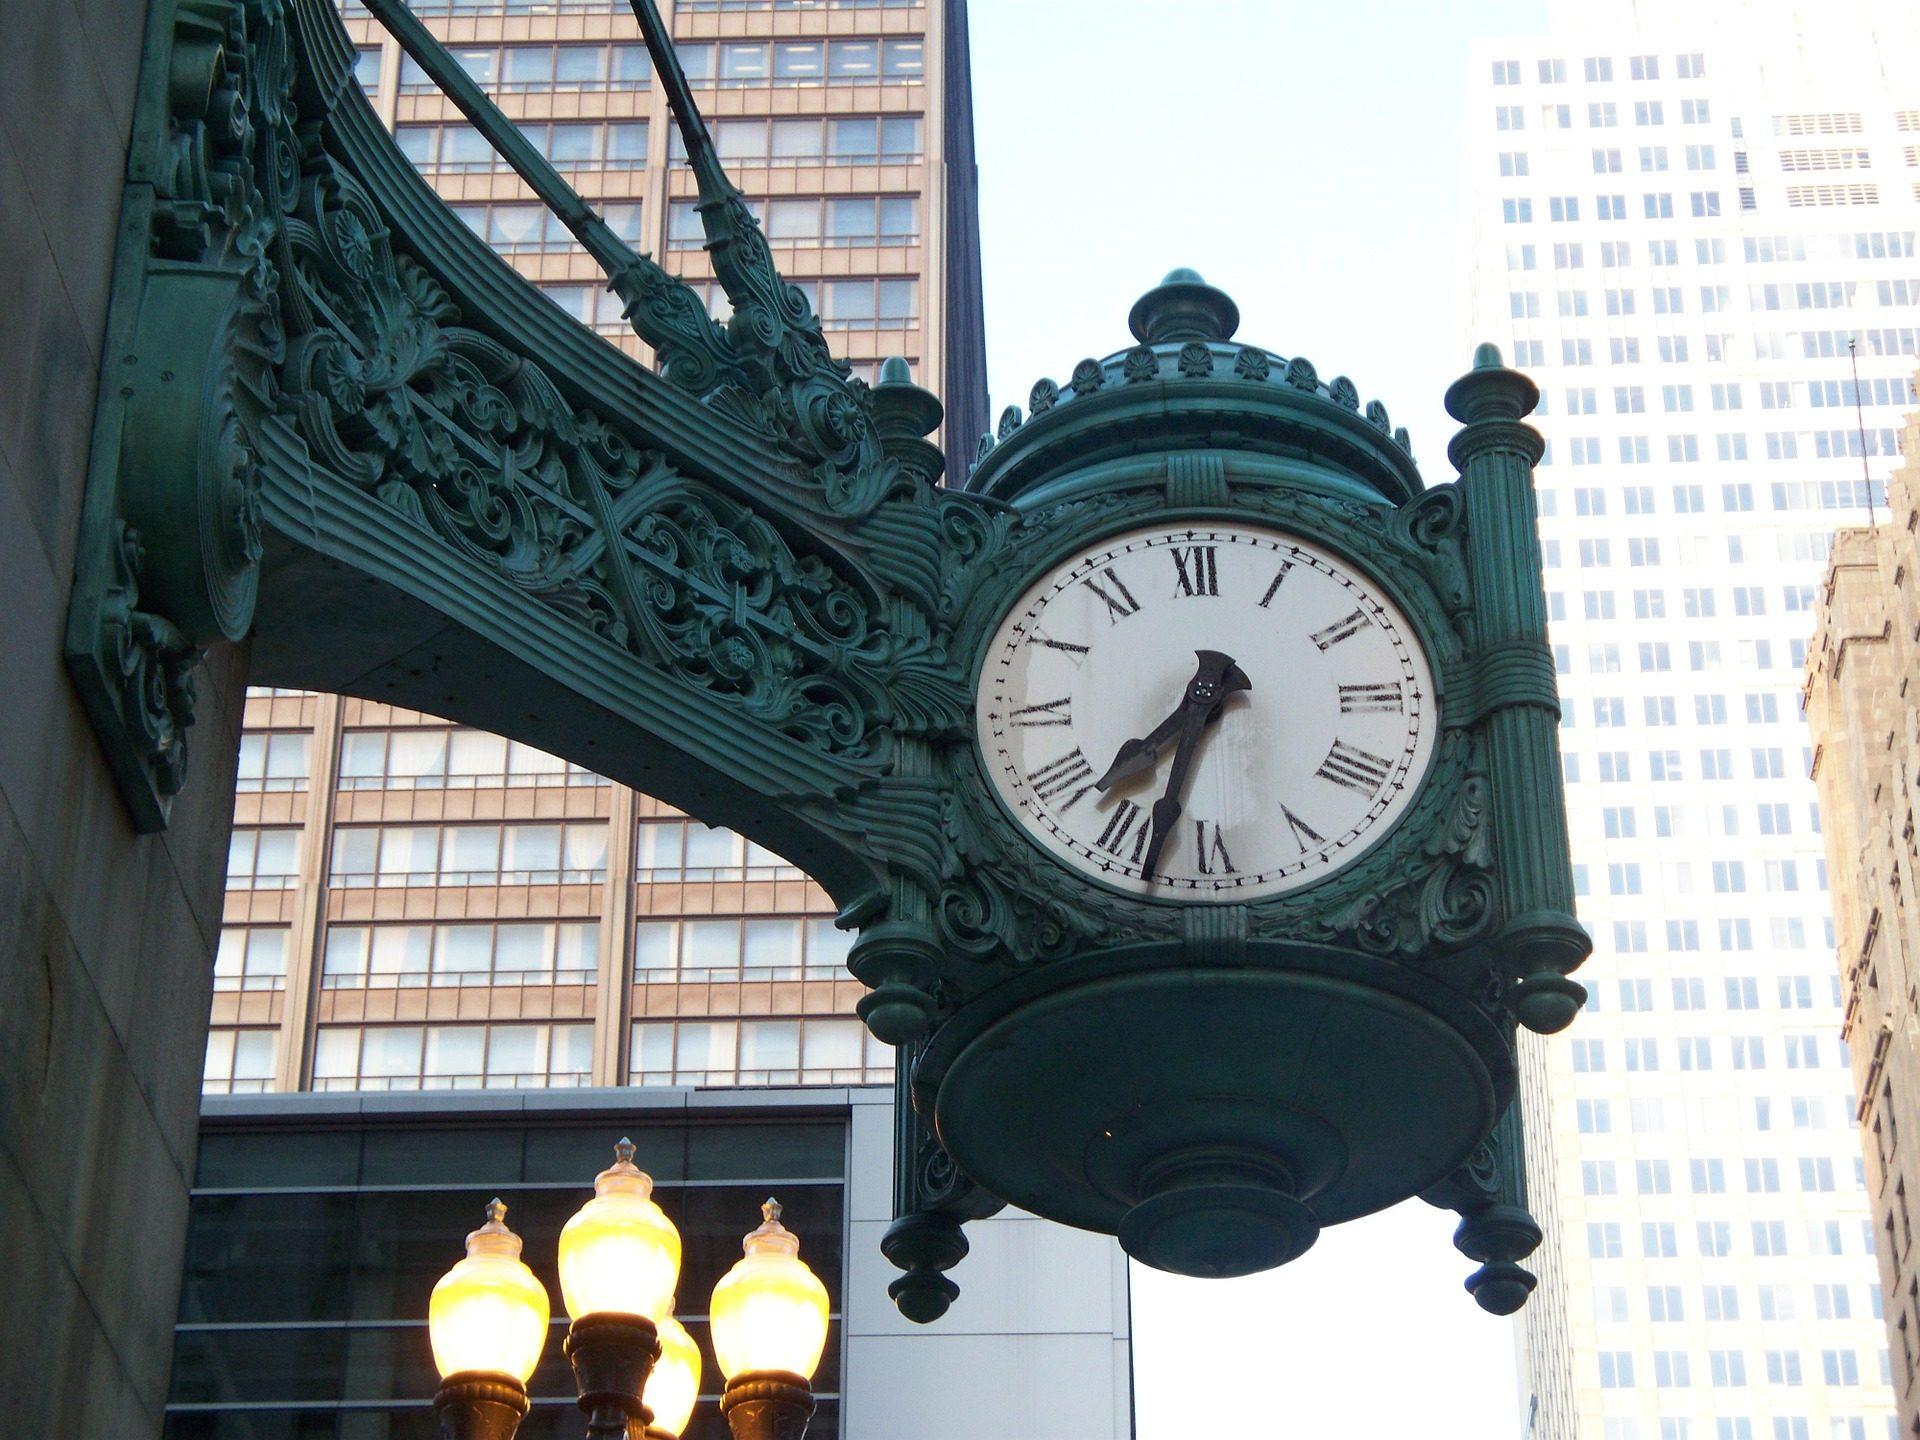 tiempo, χρόνος, Ρολόι, Πόλη, κτίρια, ουρανοξύστης, επιχείρηση, Οικονομικών - Wallpapers HD - Professor-falken.com